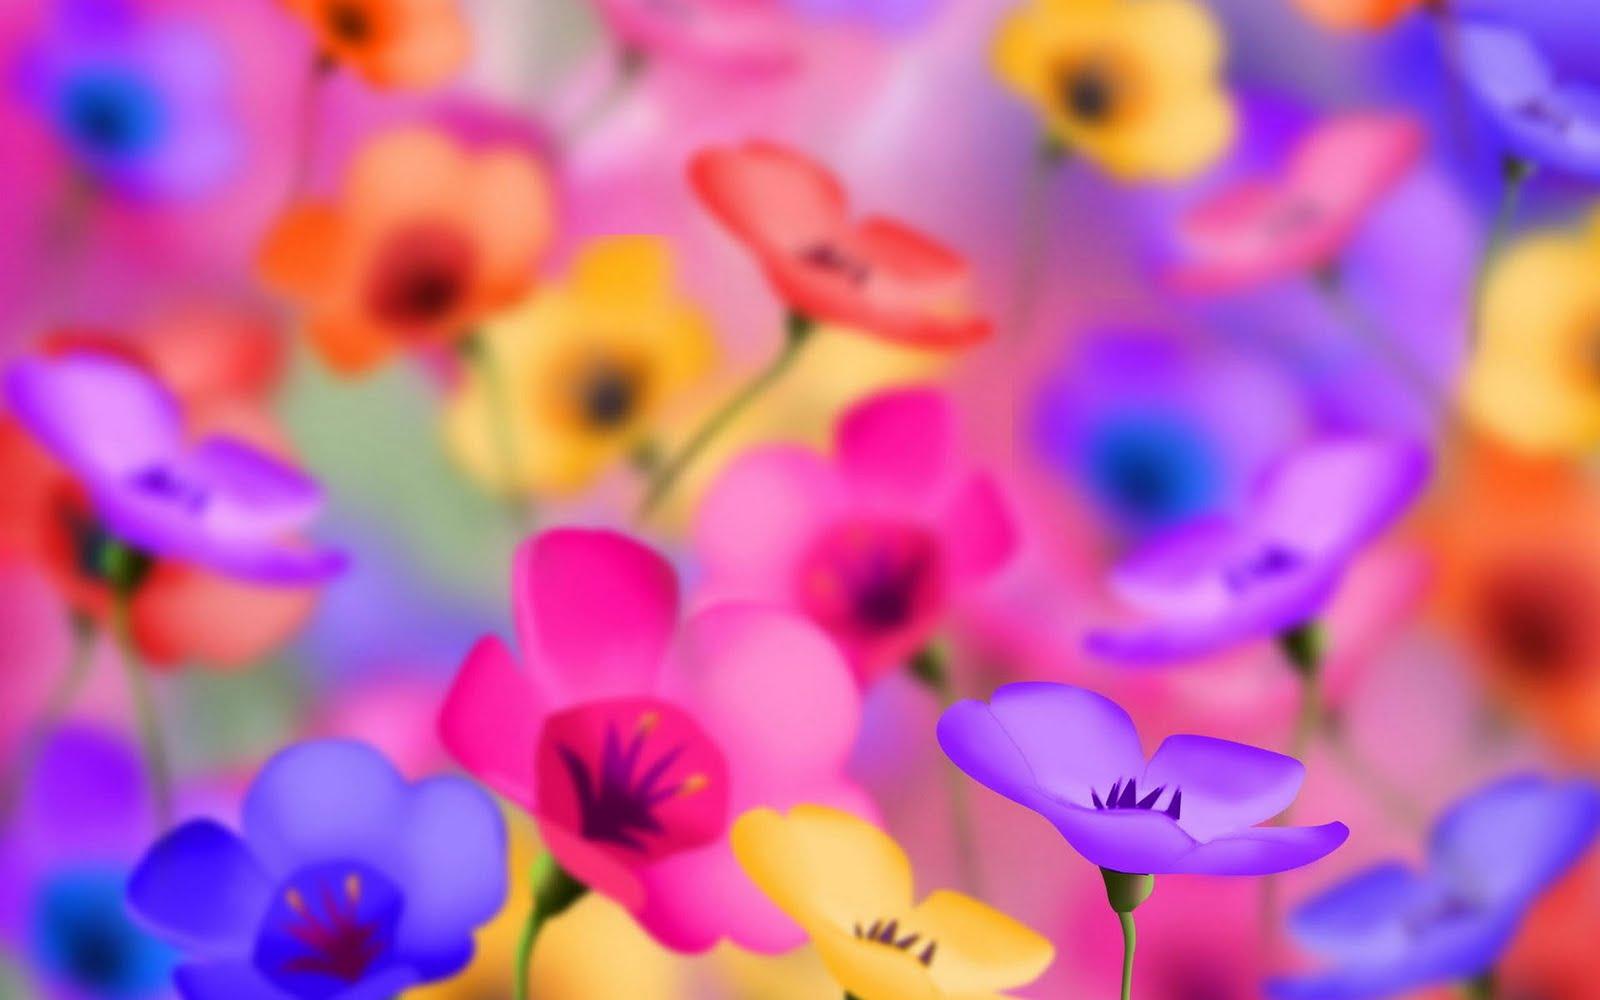 http://2.bp.blogspot.com/-9X_Ltb_SKeU/TjP0_Yr8sCI/AAAAAAAAAPA/vH-_JKeVN9E/s1600/Wild+Flowers+Happy+Apple+Wallpapers+Worth+Knowing-483217.jpeg